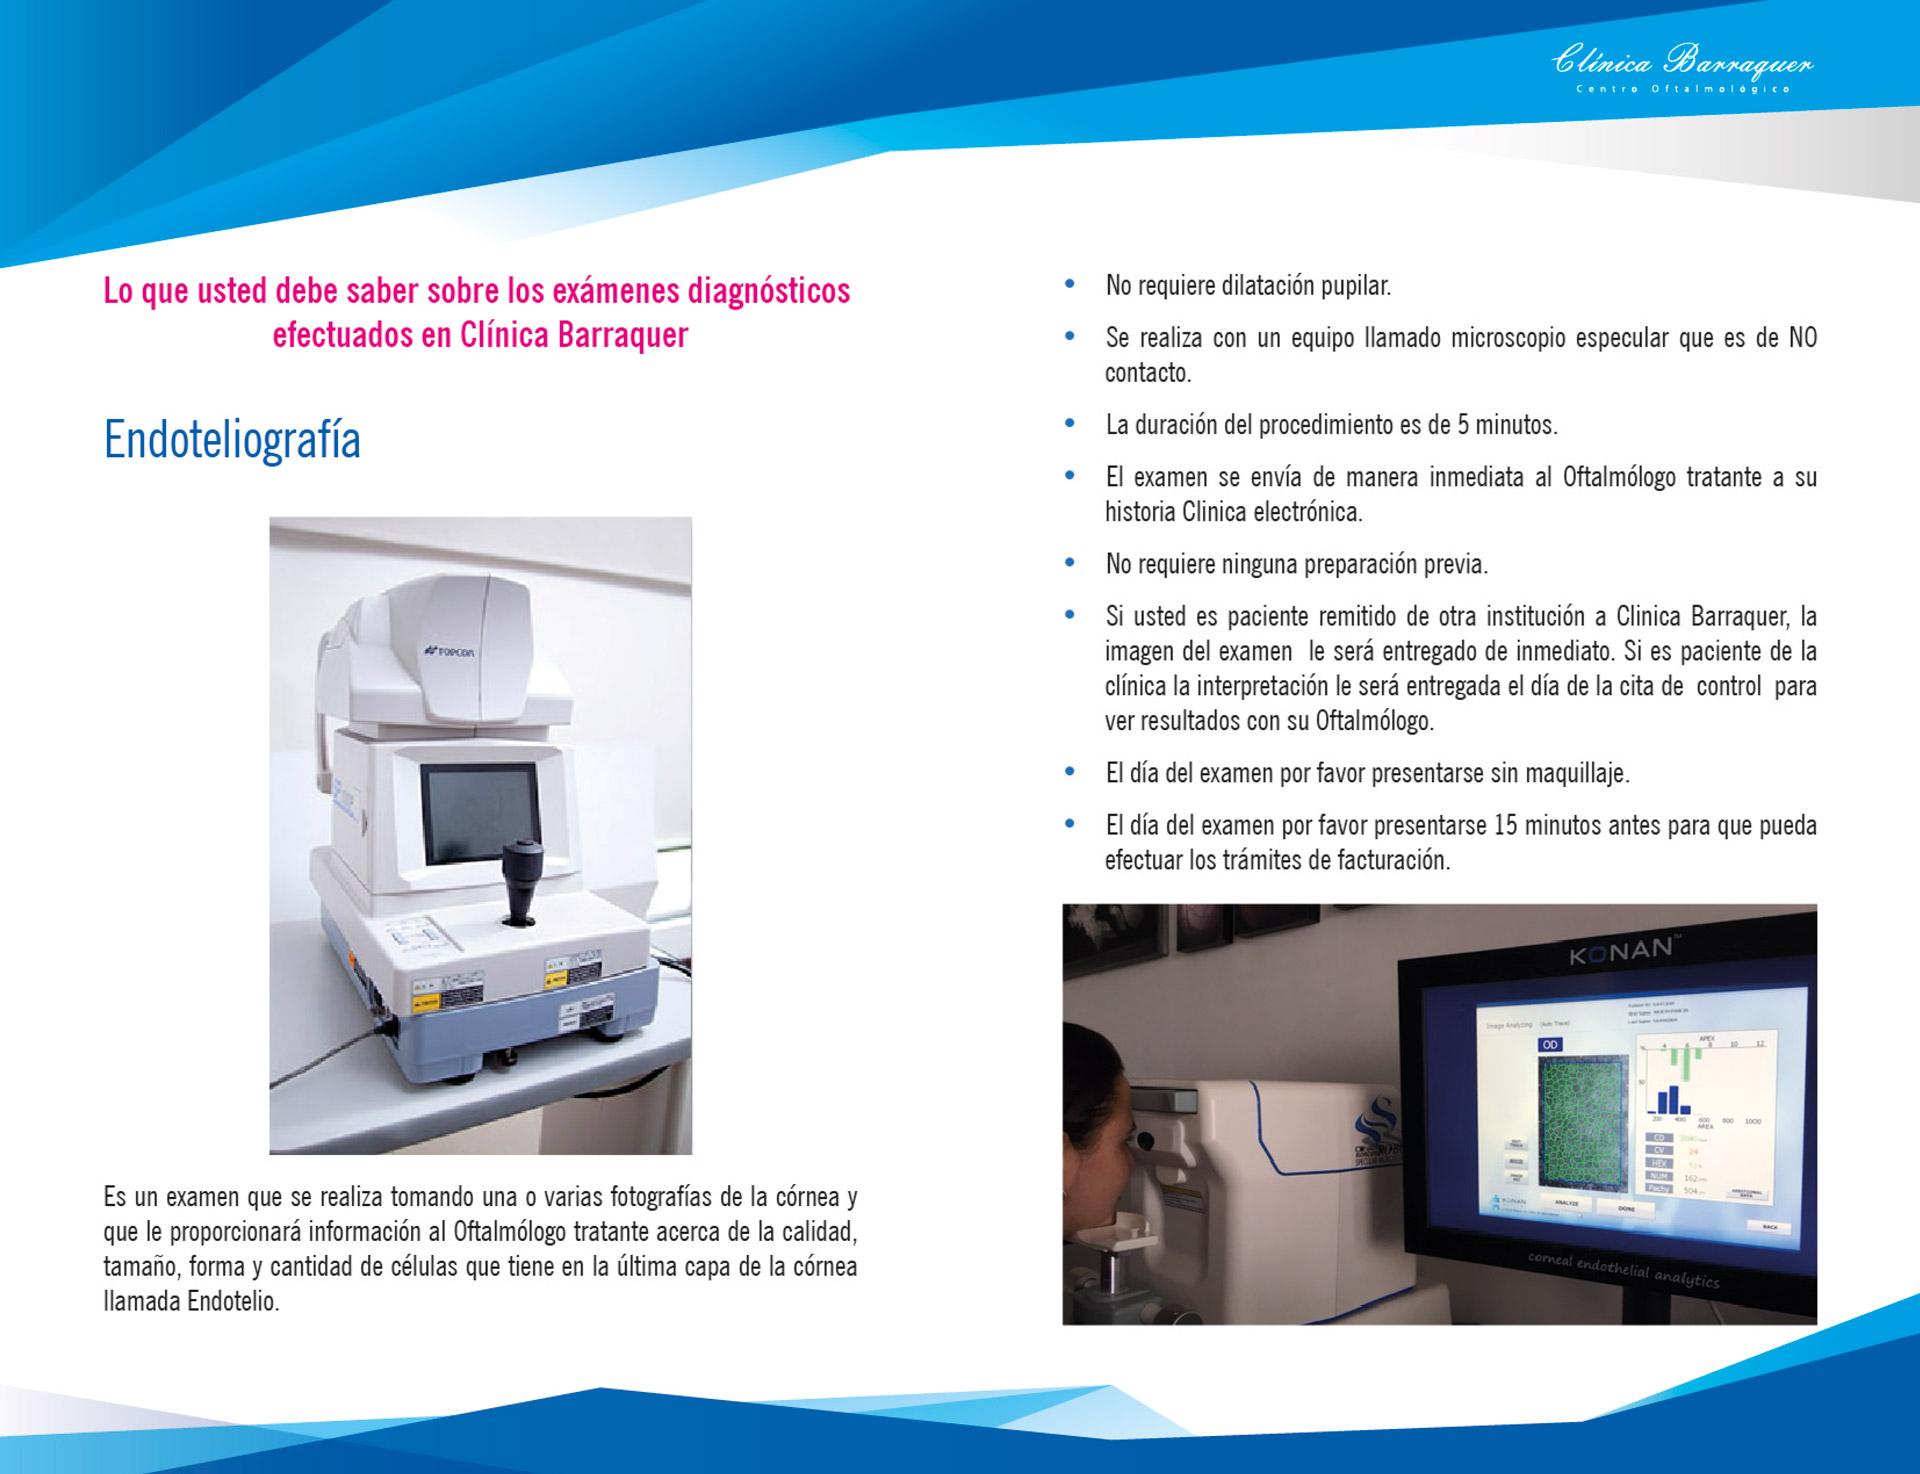 Endoteliografía